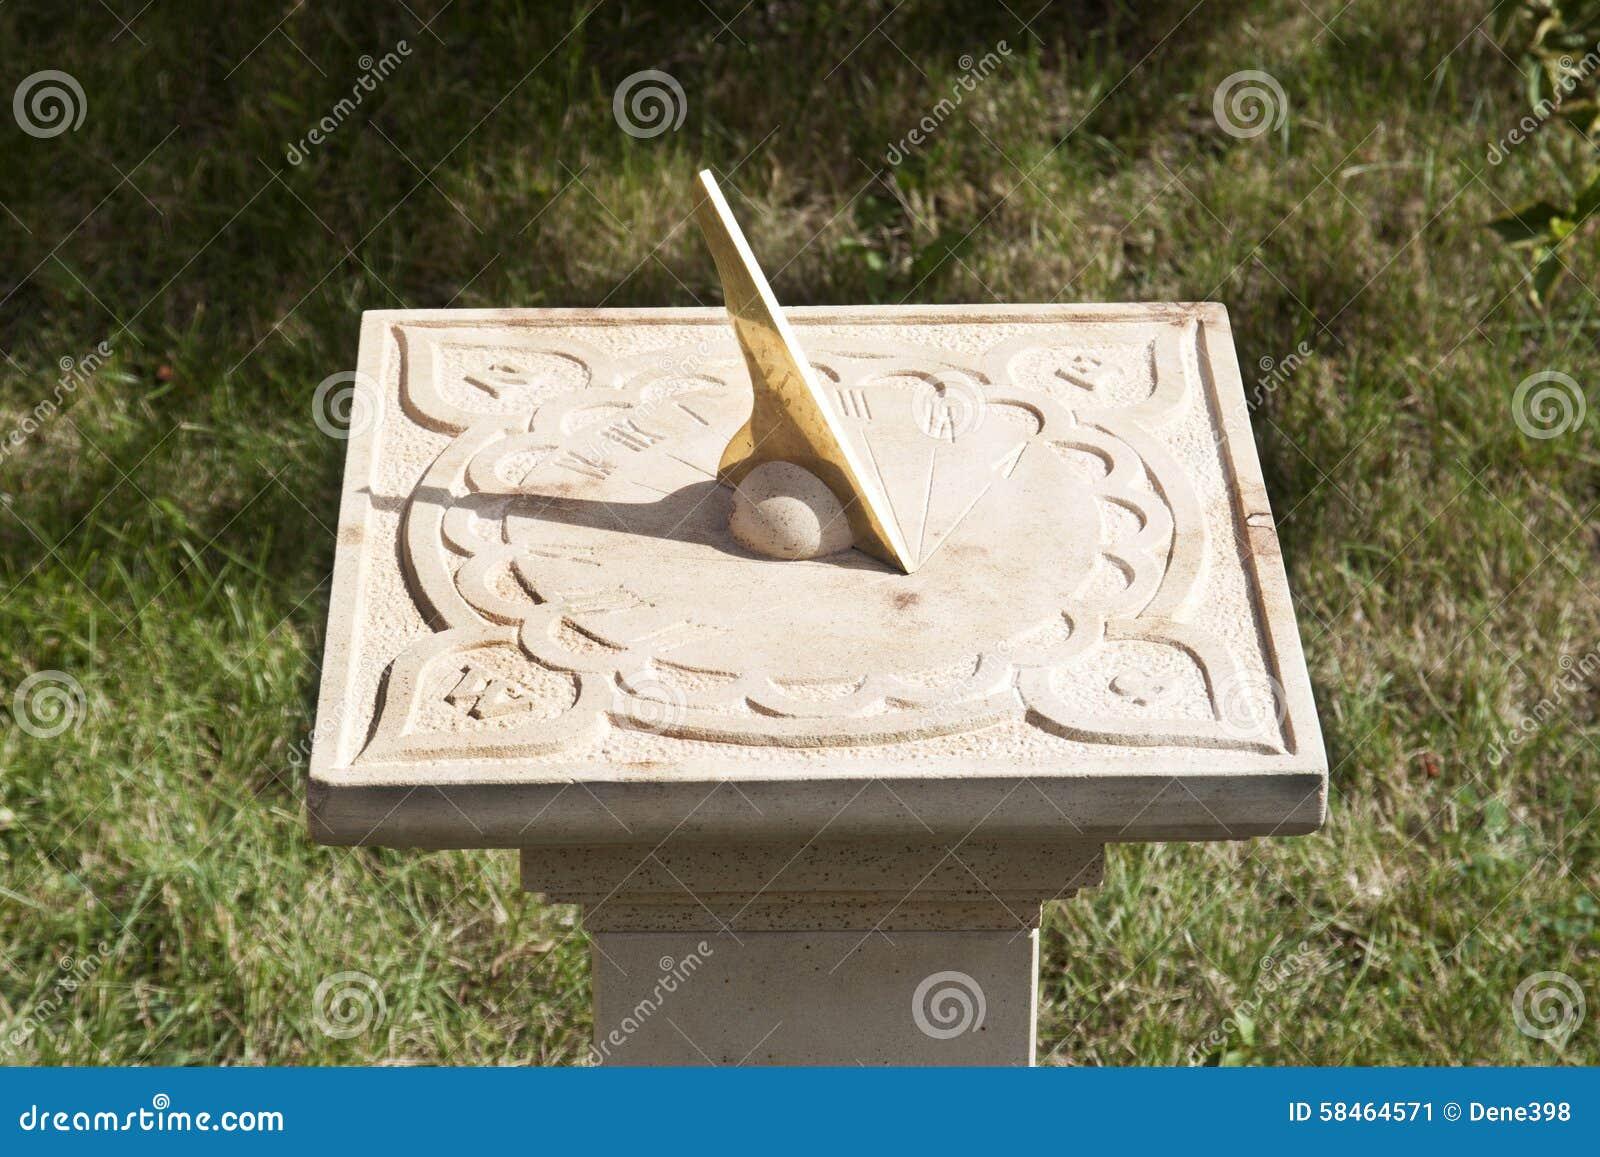 Alte Sonnenuhr Im Garten Stockbild Bild Von Borduhr 58464571